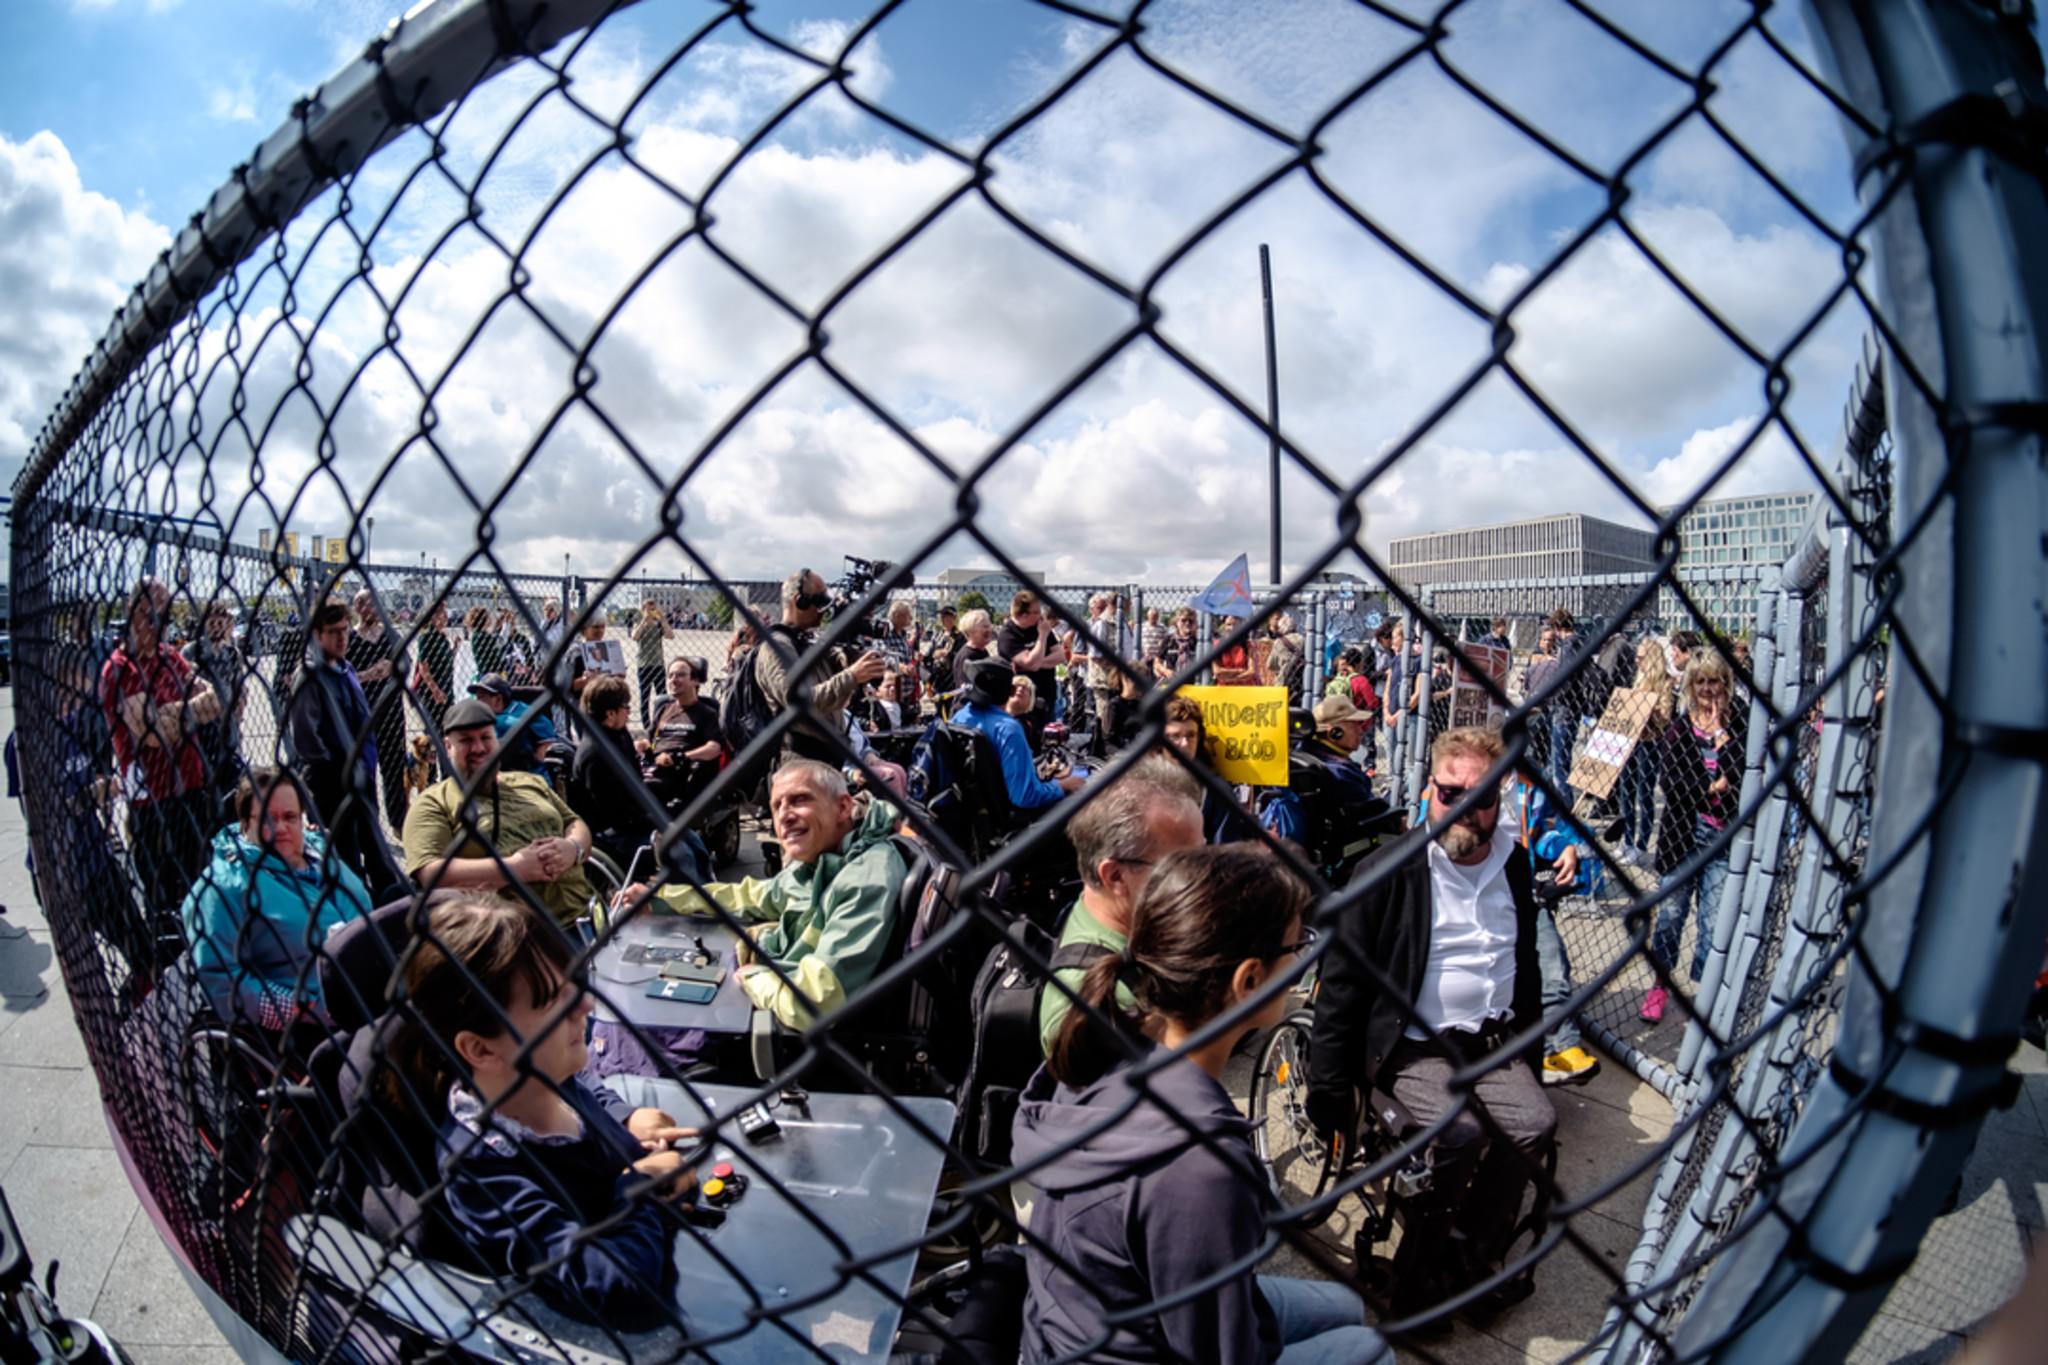 hinter einem zaun stehen behinderte und nichtbehinderte menschen dicht und demonstrieren